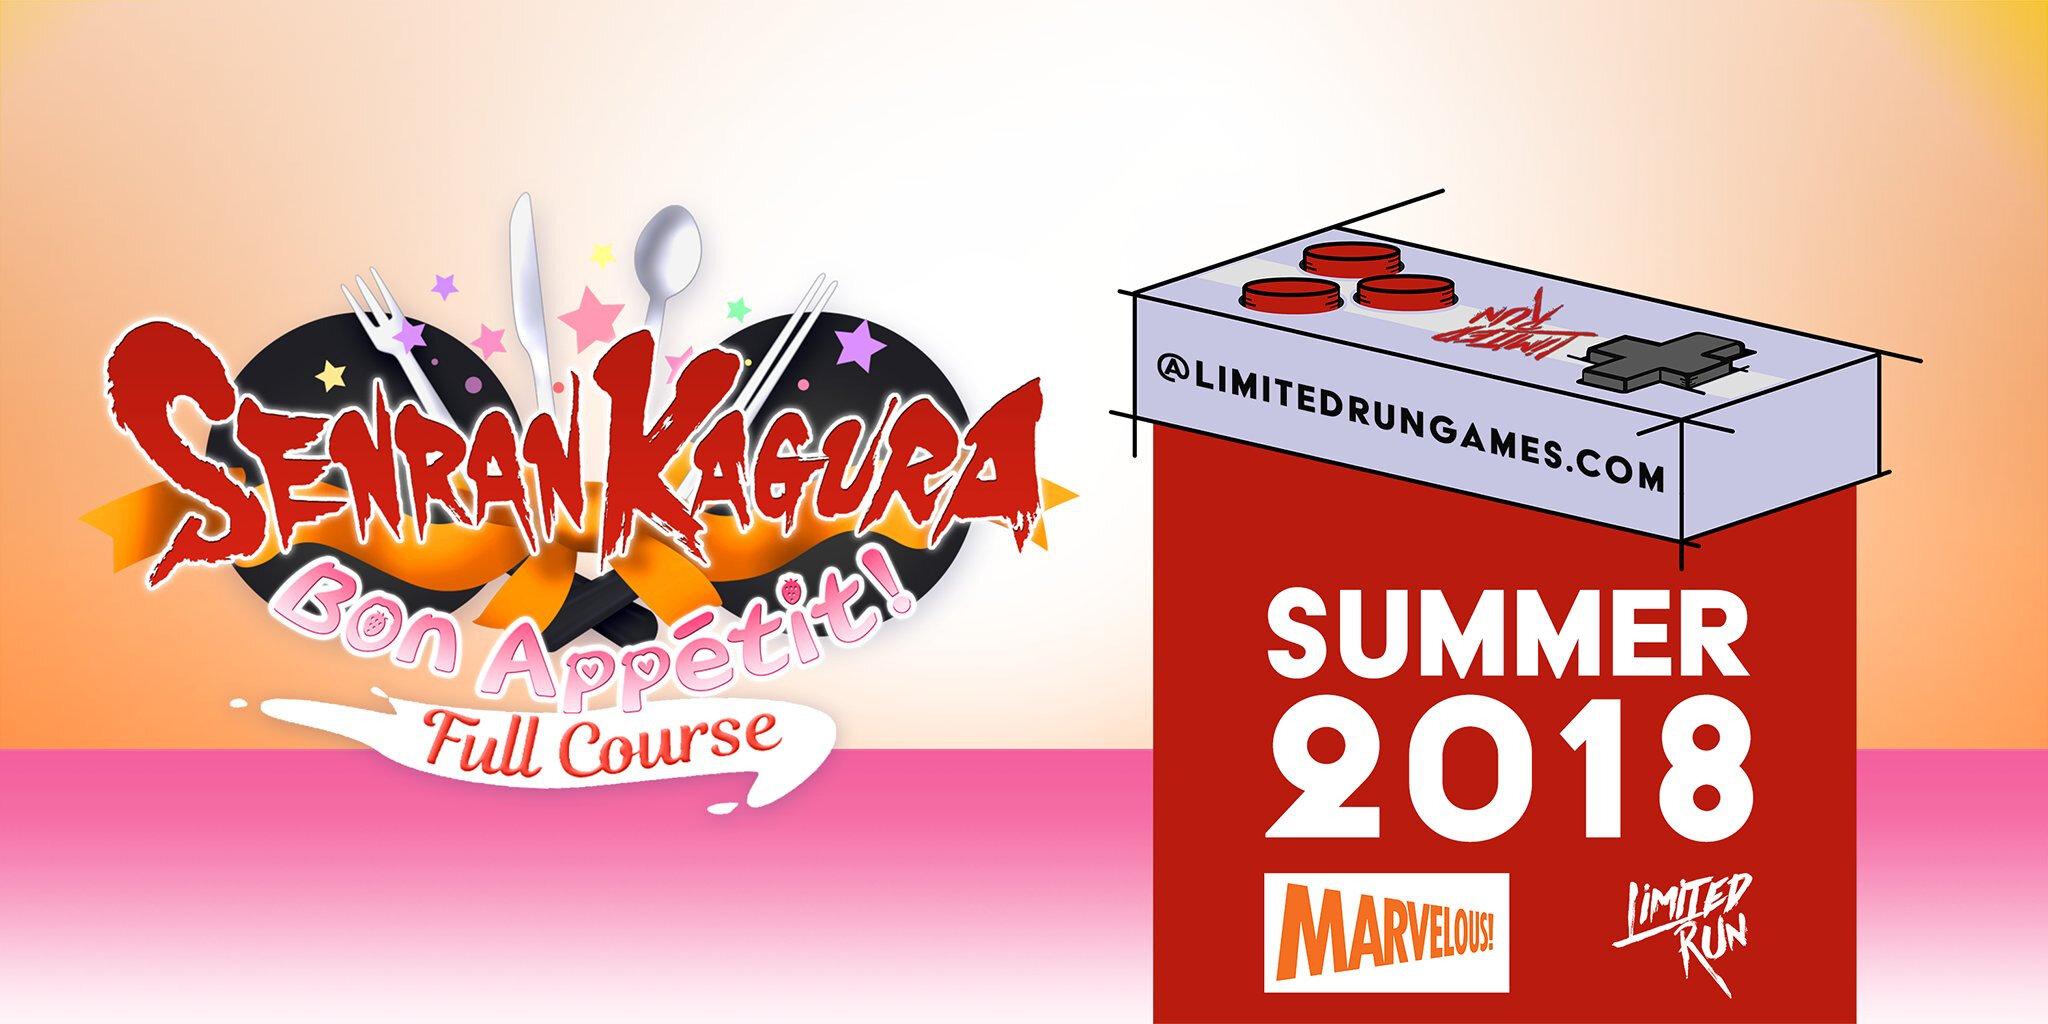 LRG-E3-2018_06-11-18_Senran-Kagura-Bon-Appetit-Full-Course